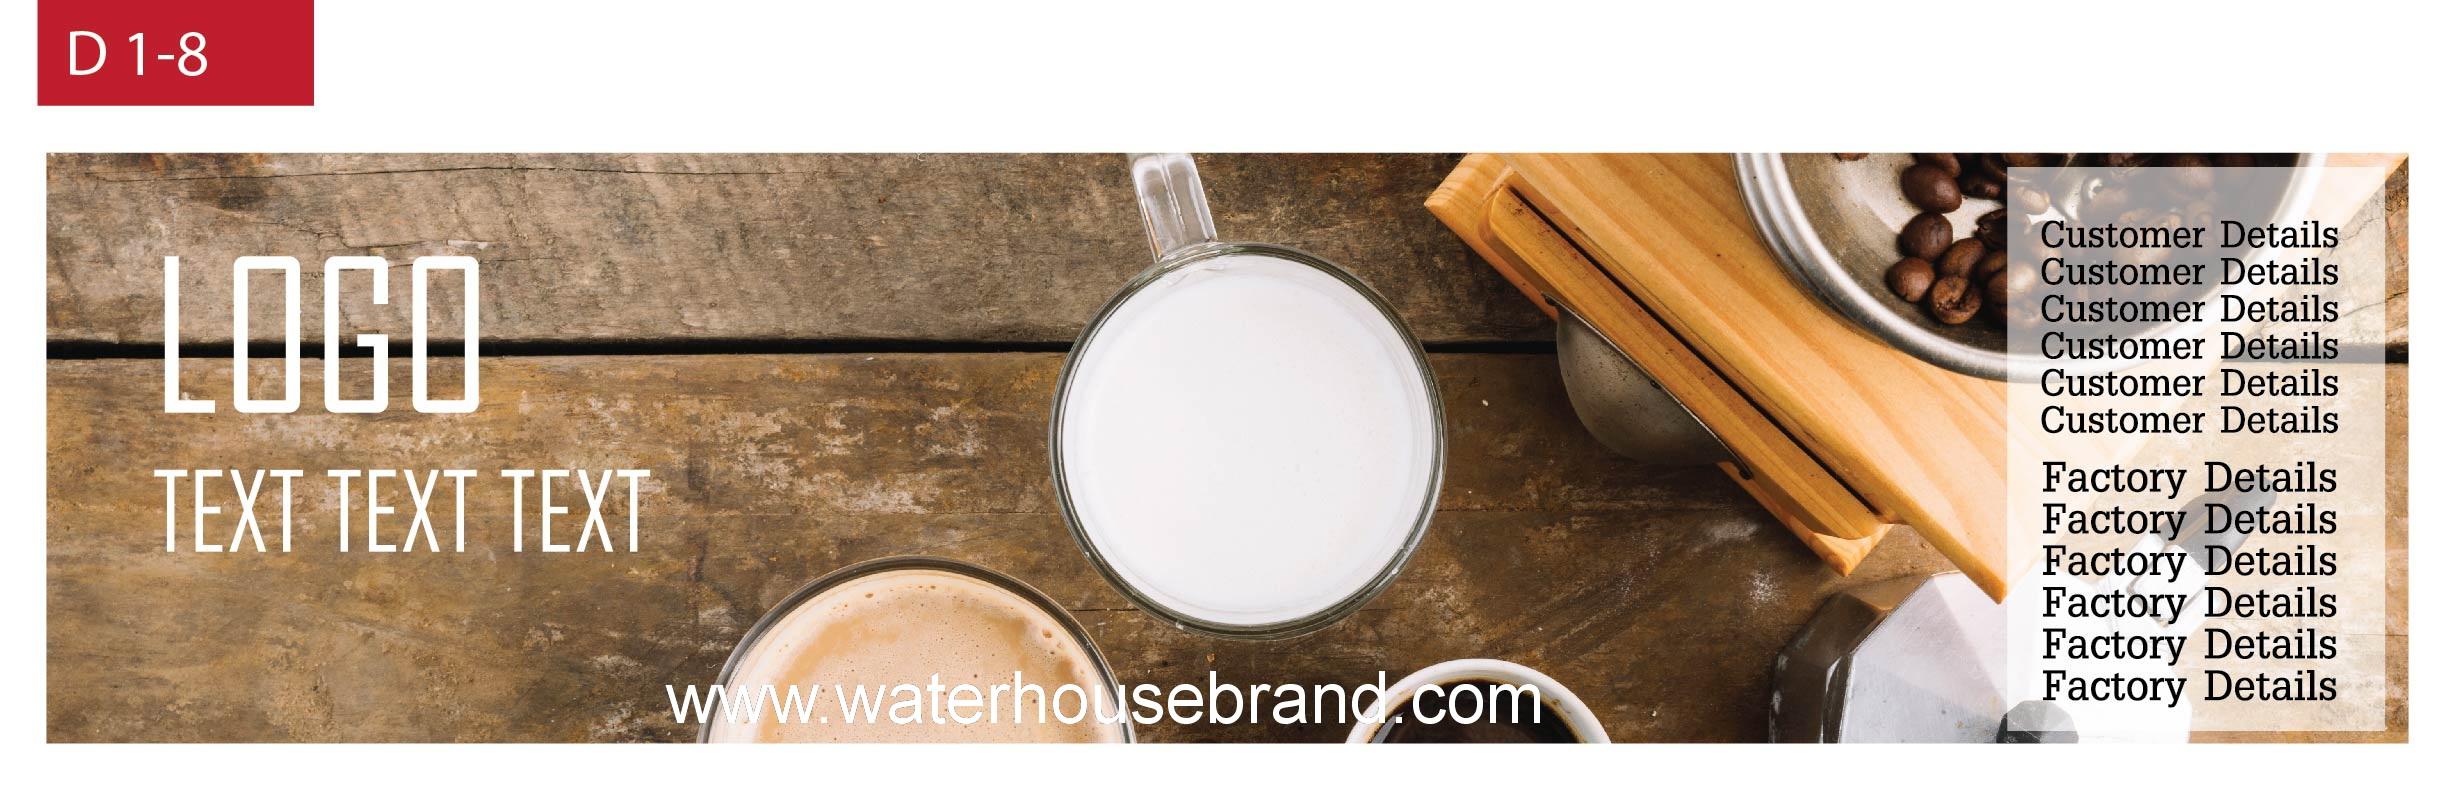 waterhouse-แบบฉลากน้ำดื่ม-d18